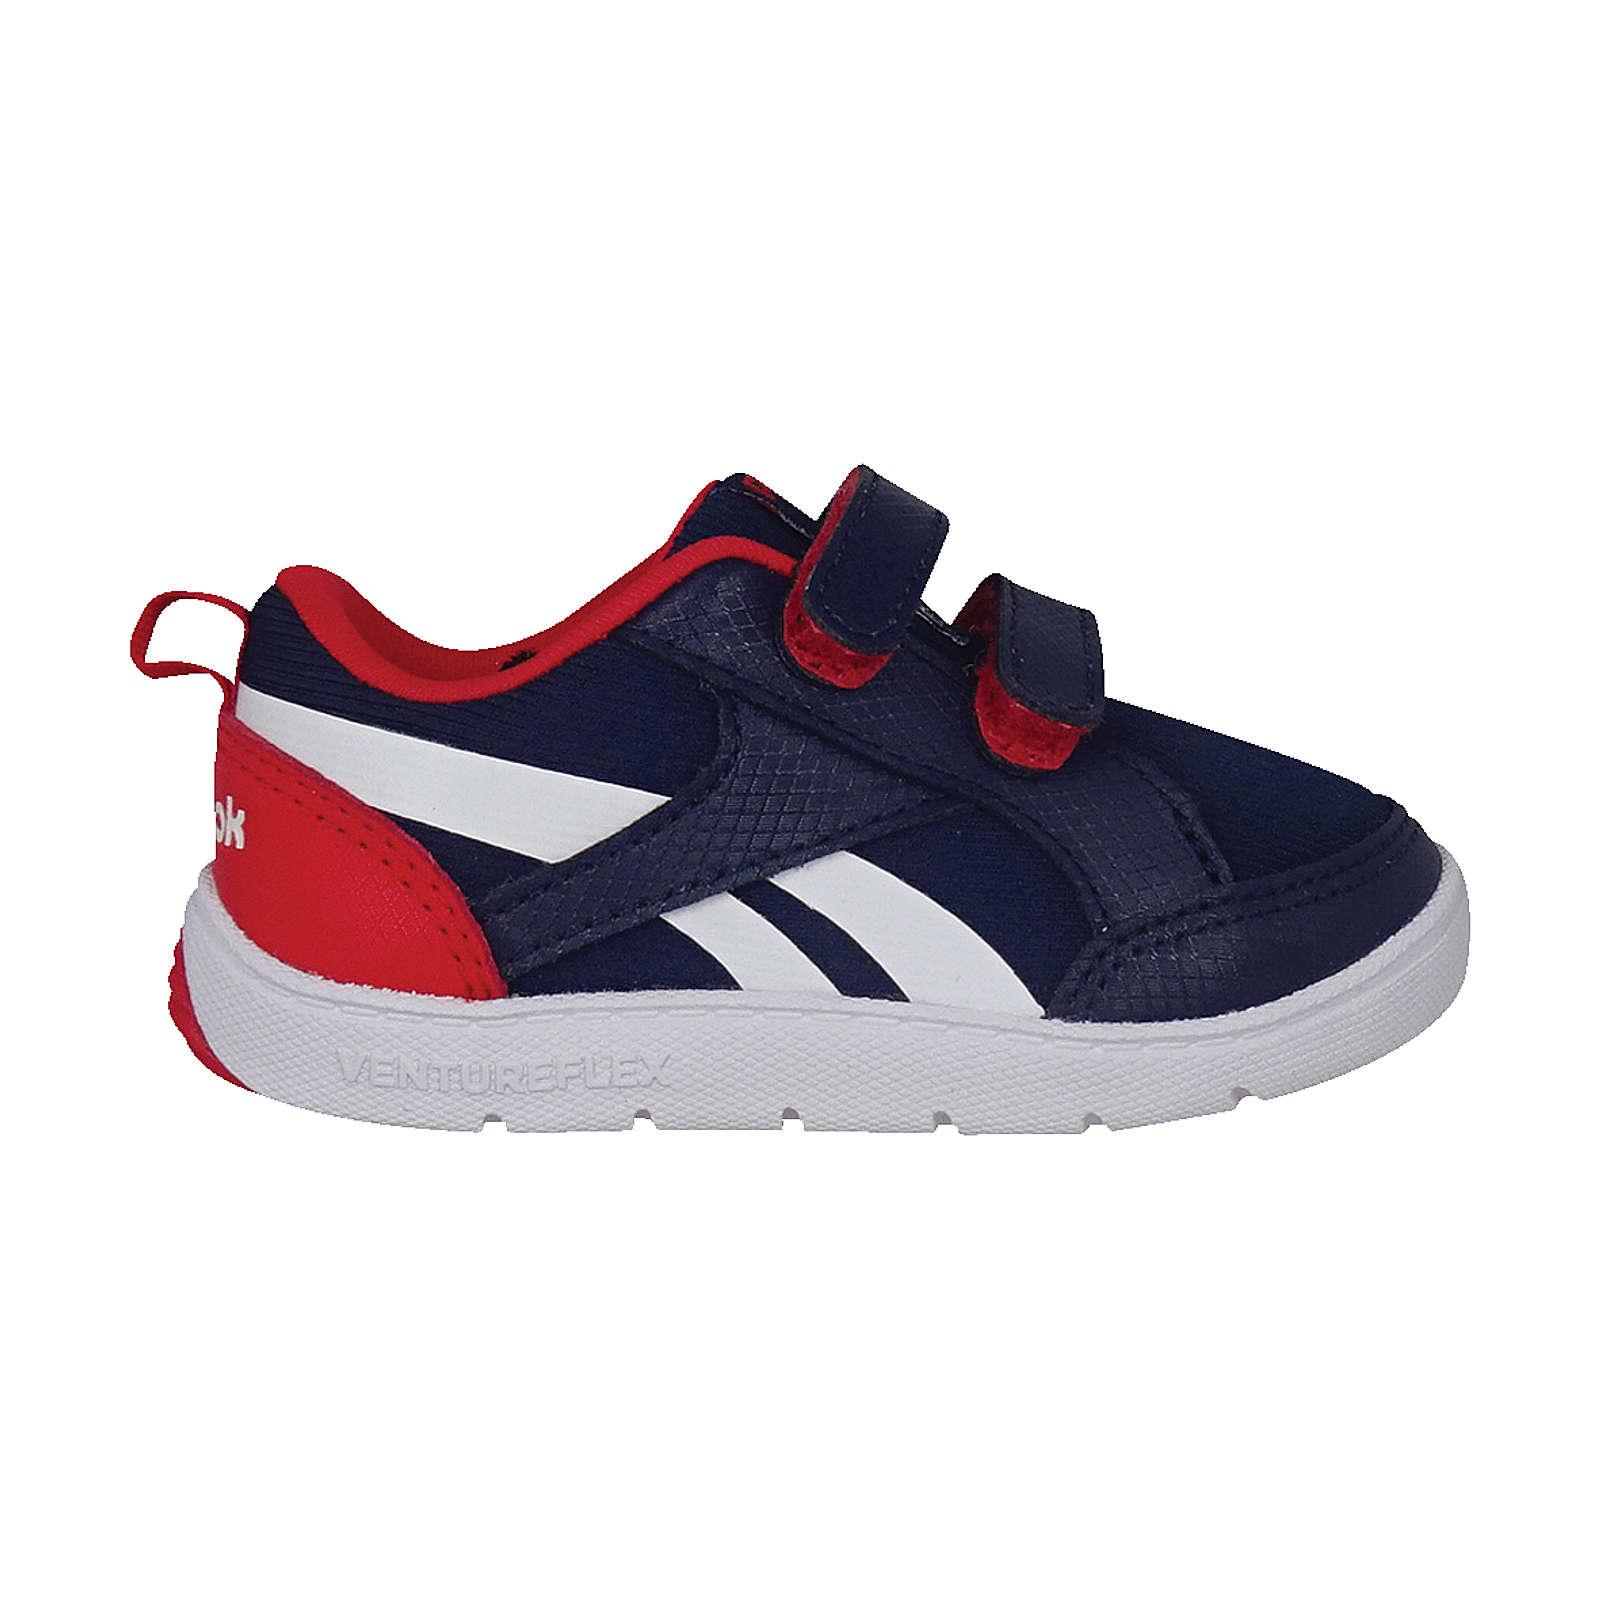 Reebok Baby Sneakers Low VENTUREFLEX CHASE I für Jungen dunkelblau Junge Gr. 26